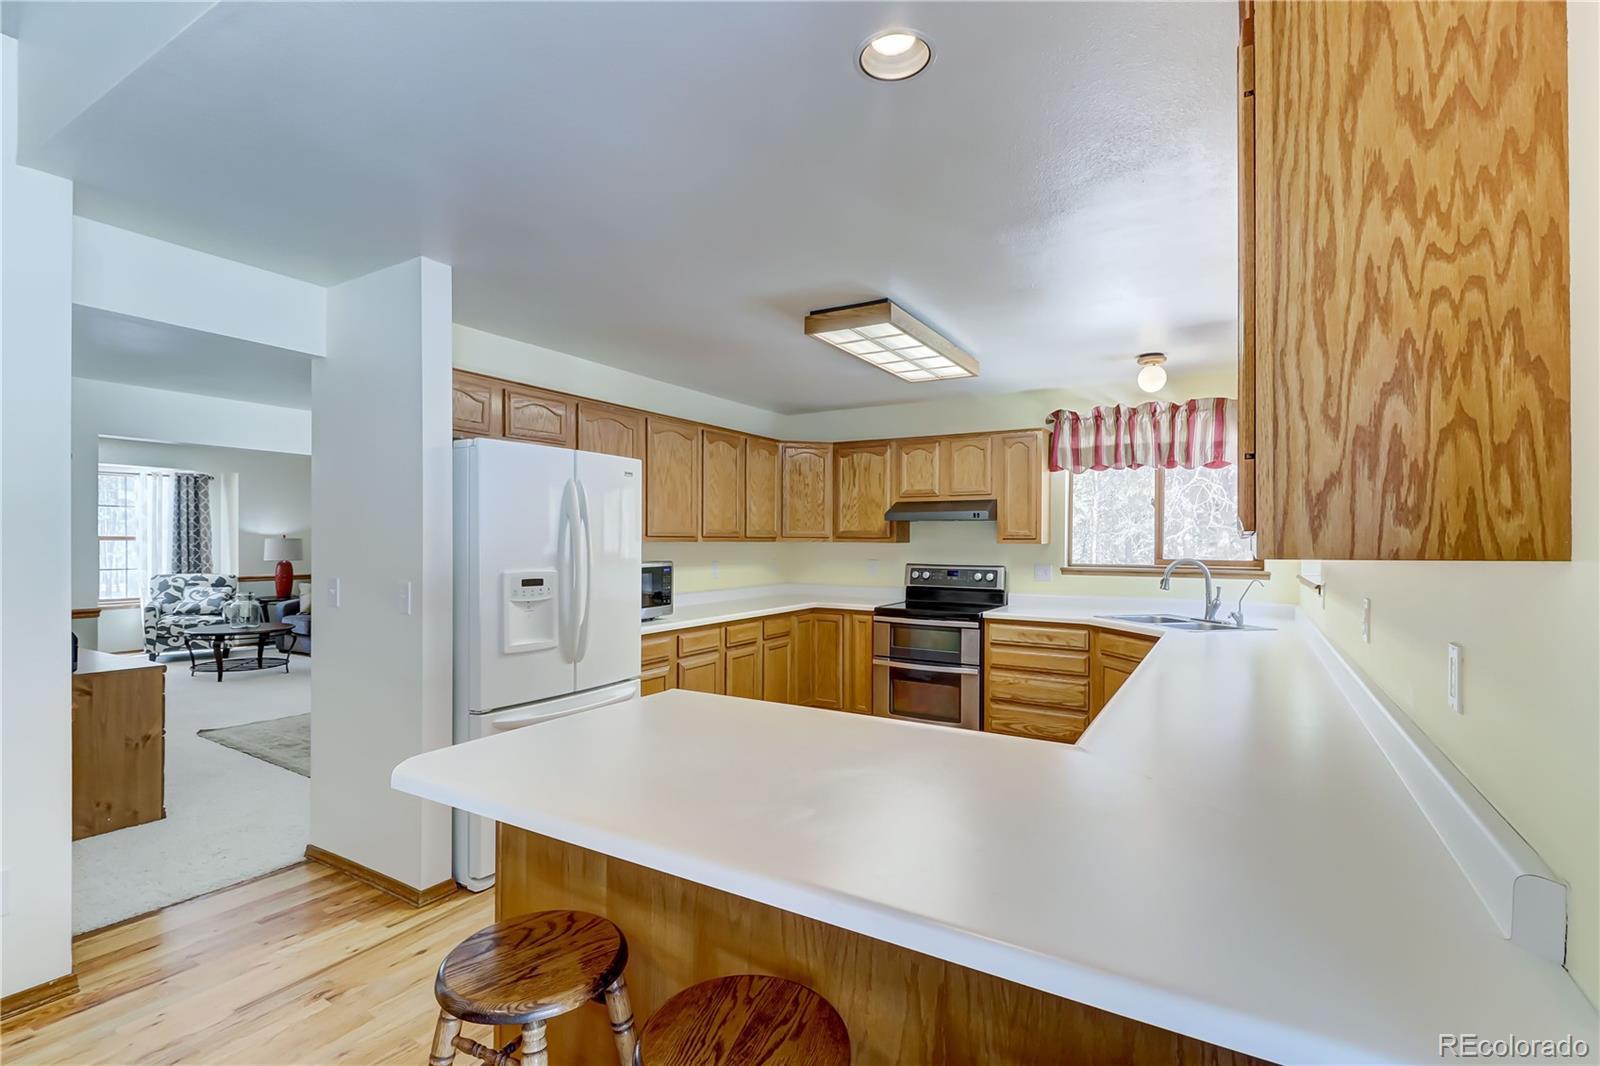 MLS# 9506702 - 10 - 8180 Tannenbaum Road, Colorado Springs, CO 80908